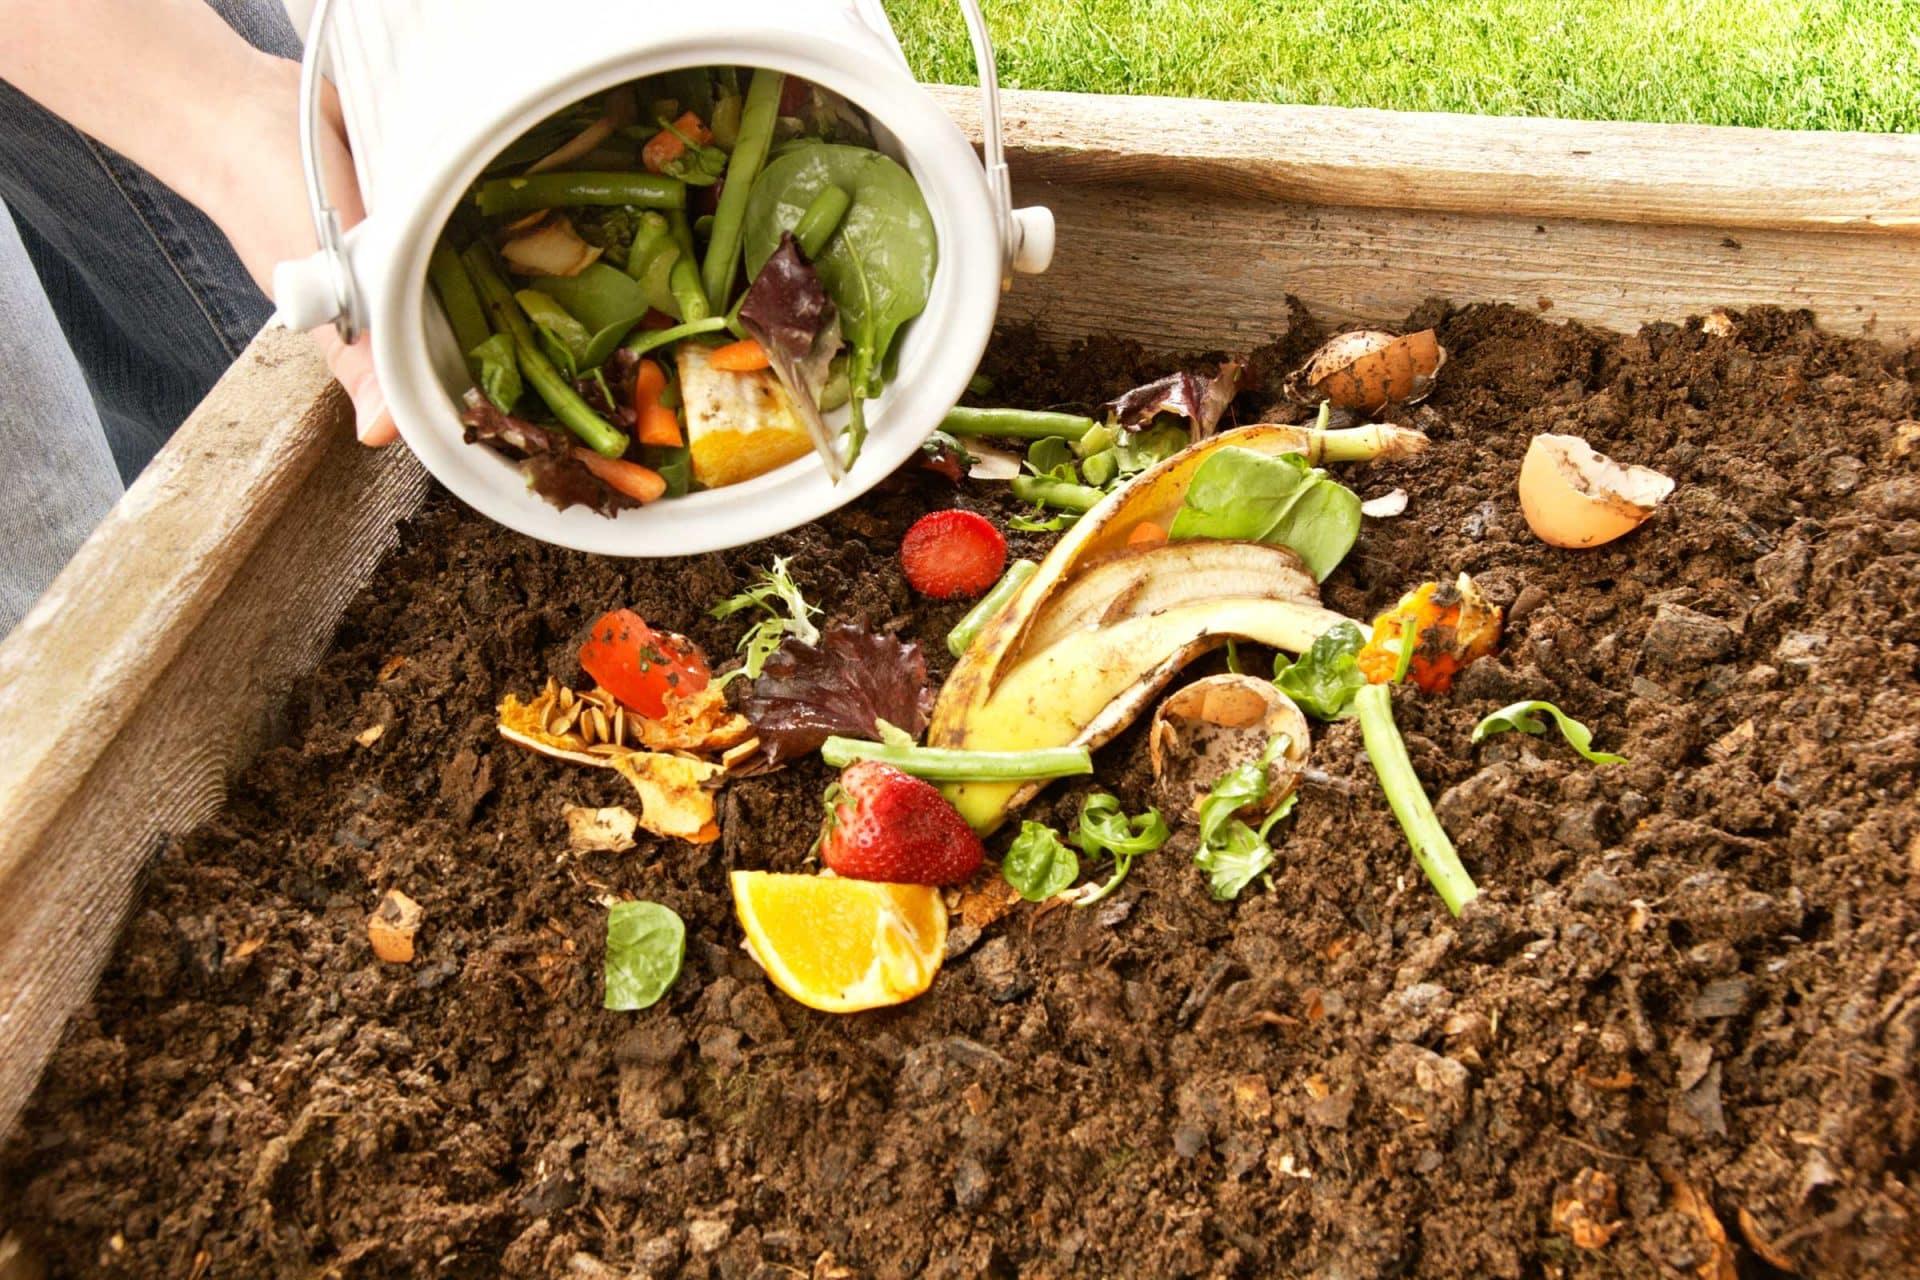 Методы компостирования мусора и отходов